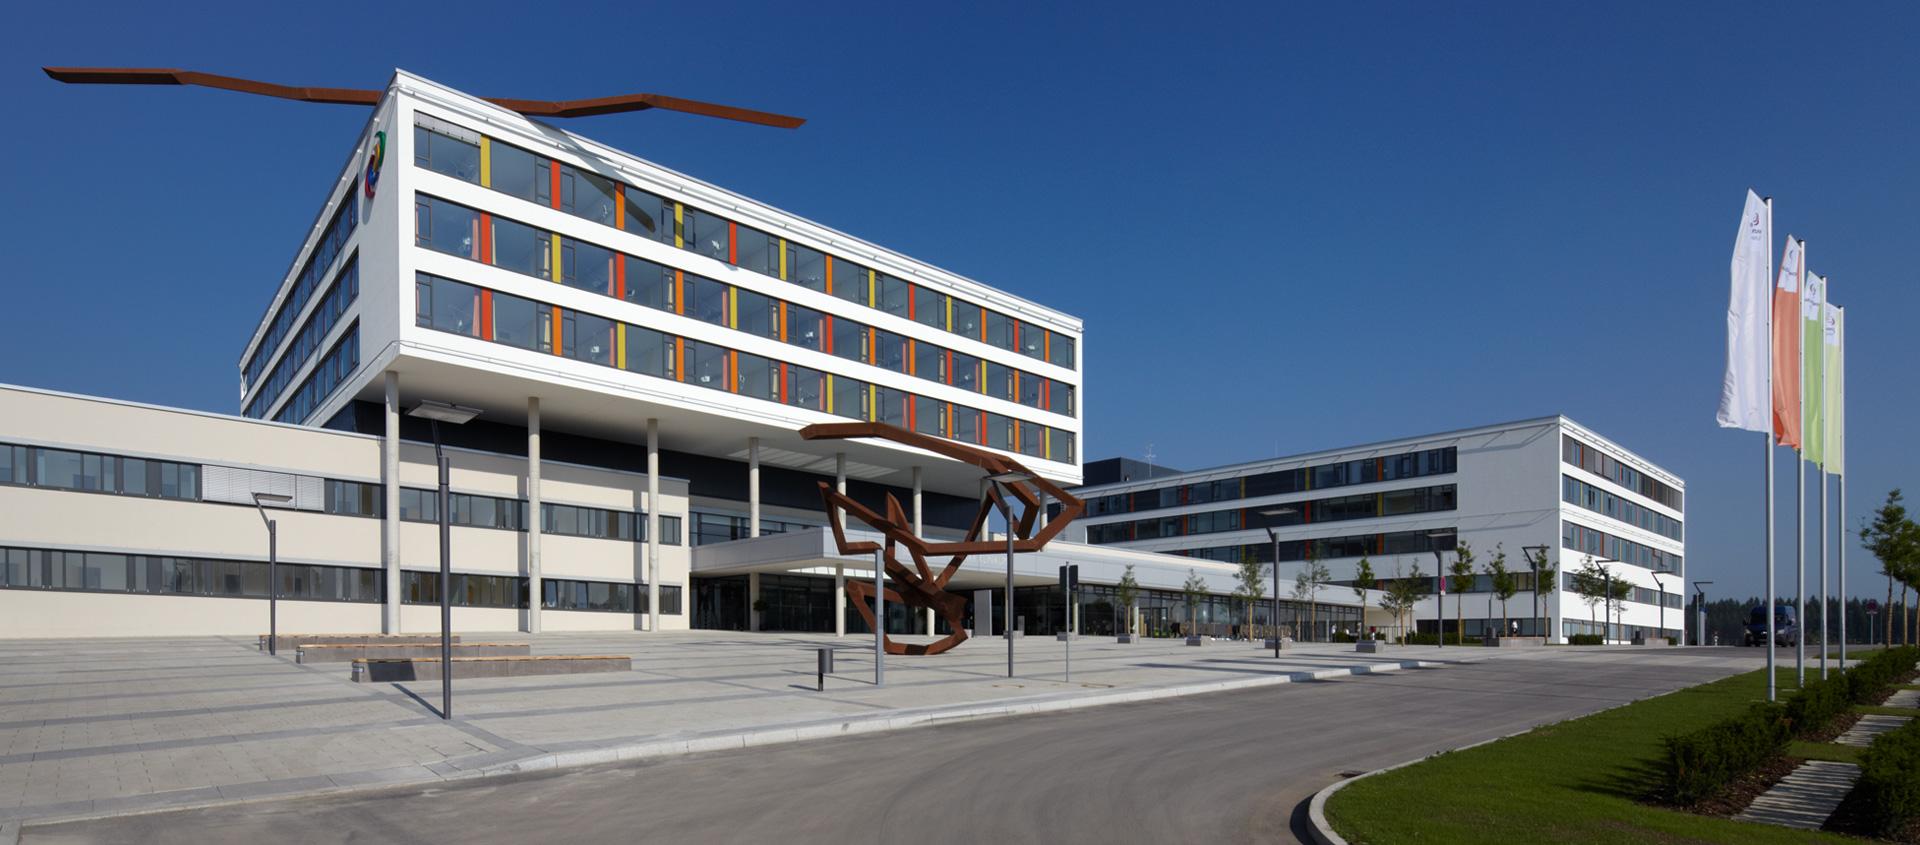 Herzlich willkommen bei der AK Bau GmbH